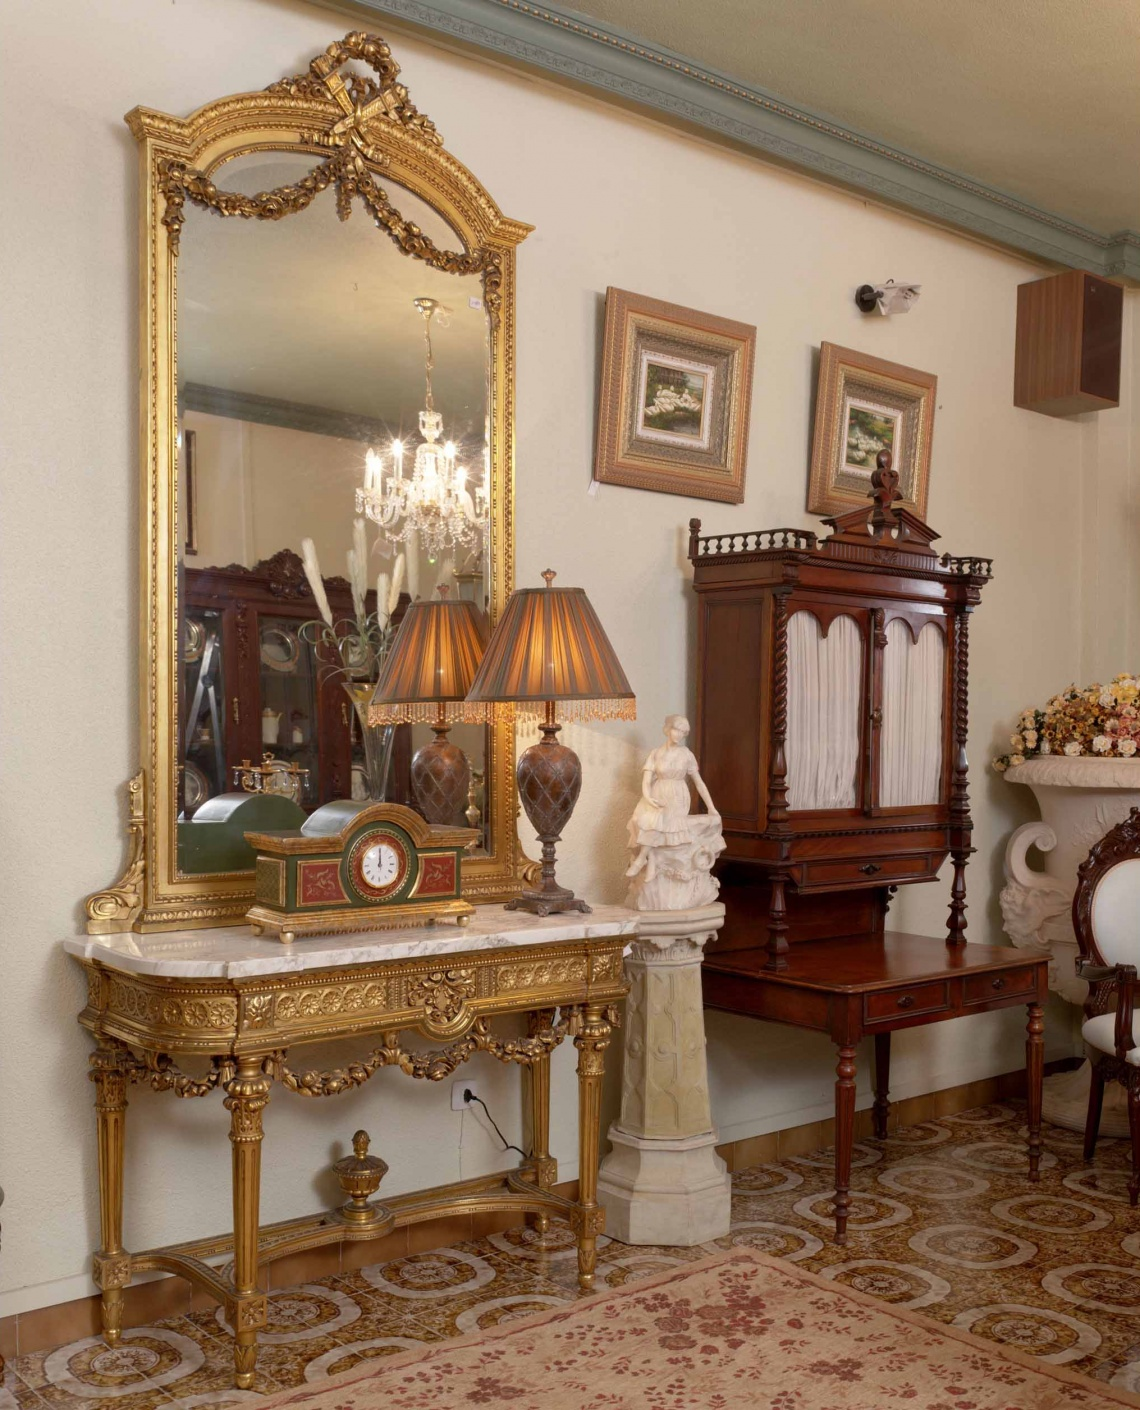 Muebles torres y gutierrez obtenga ideas dise o de muebles para su hogar aqu - Muebles en almedinilla ...